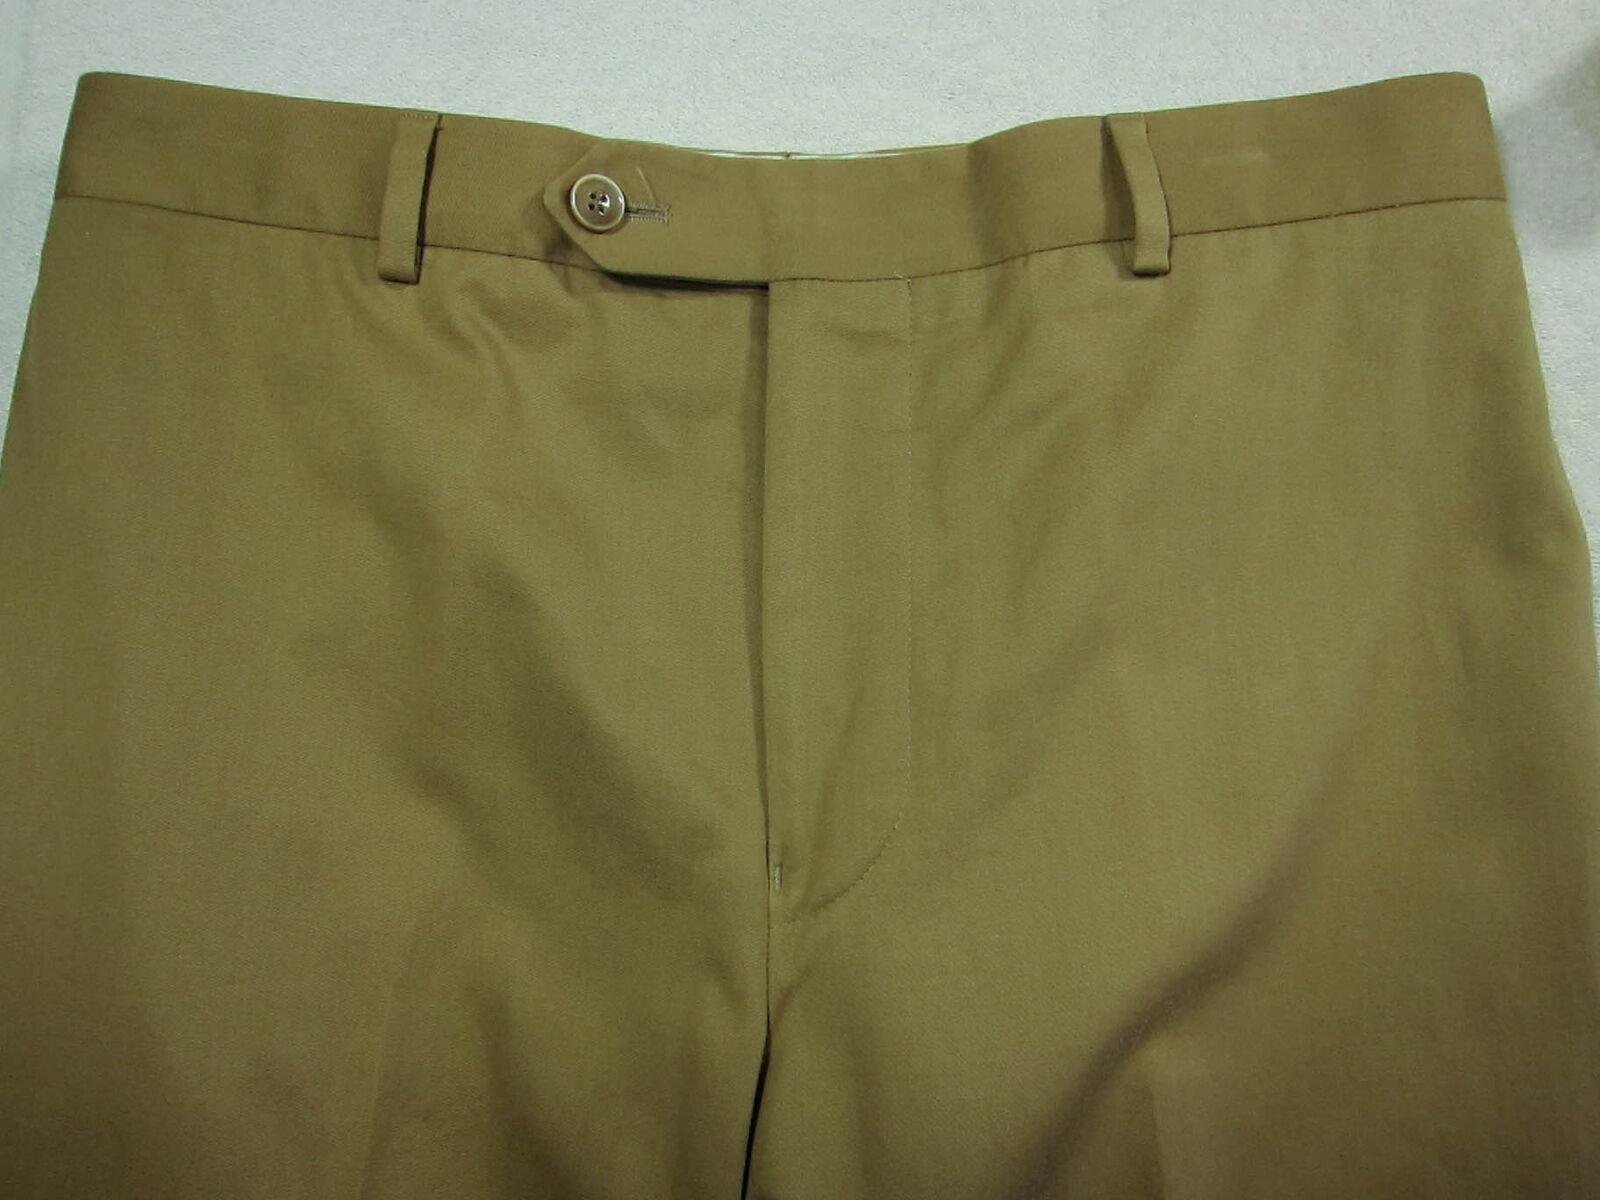 Magnifique Samuelsohn Foncé Coton & Cachemire Plat Pantalon de Costume 32x28 32W